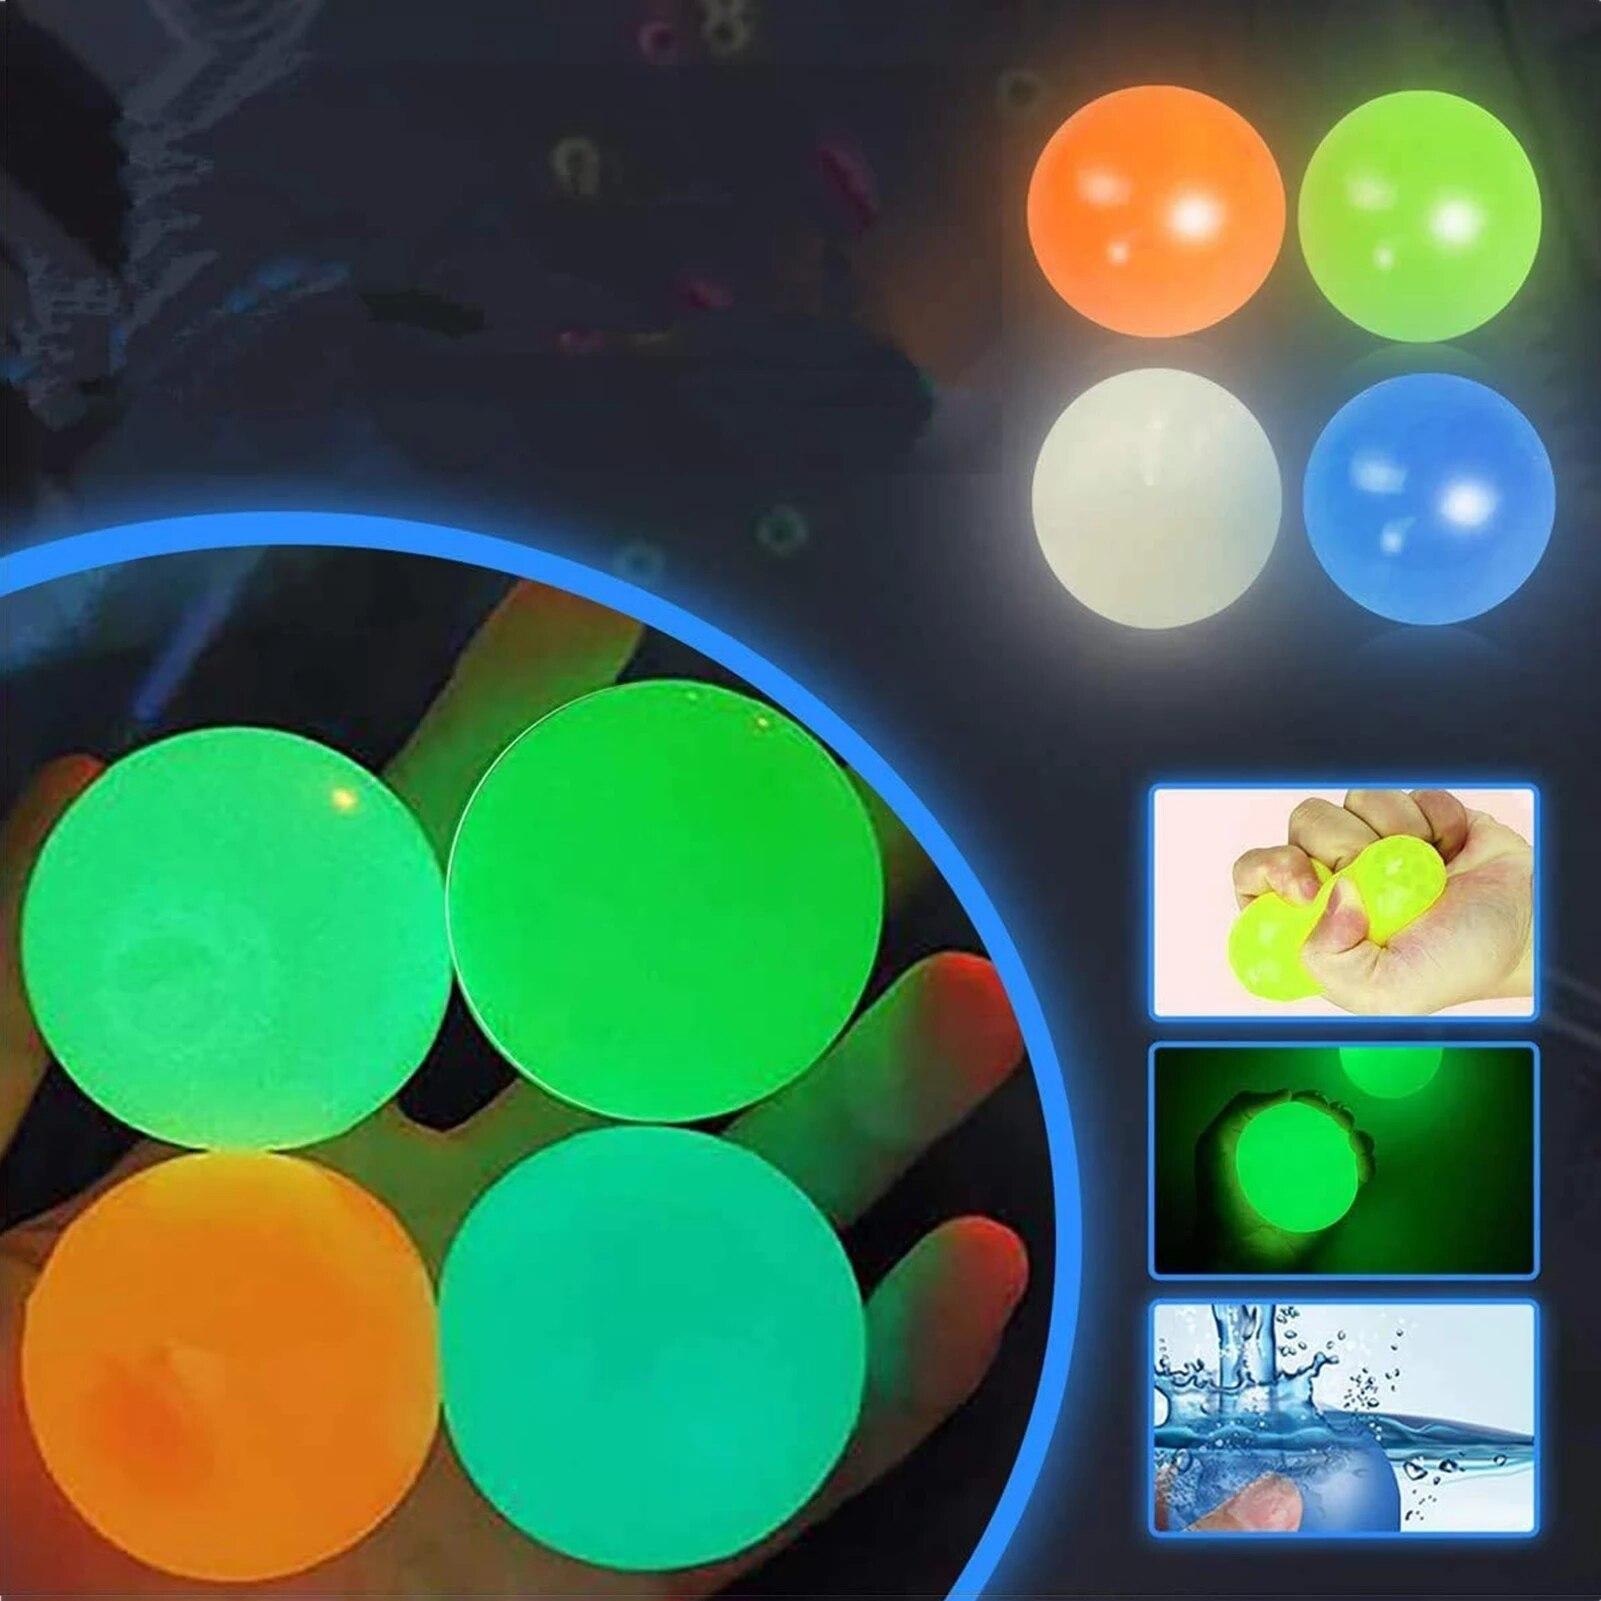 Светящийся липкий мяч для декомпрессии потолочный мяч бросает Сквош на потолок клейкая мишень Сквош детская игрушка для декомпрессии